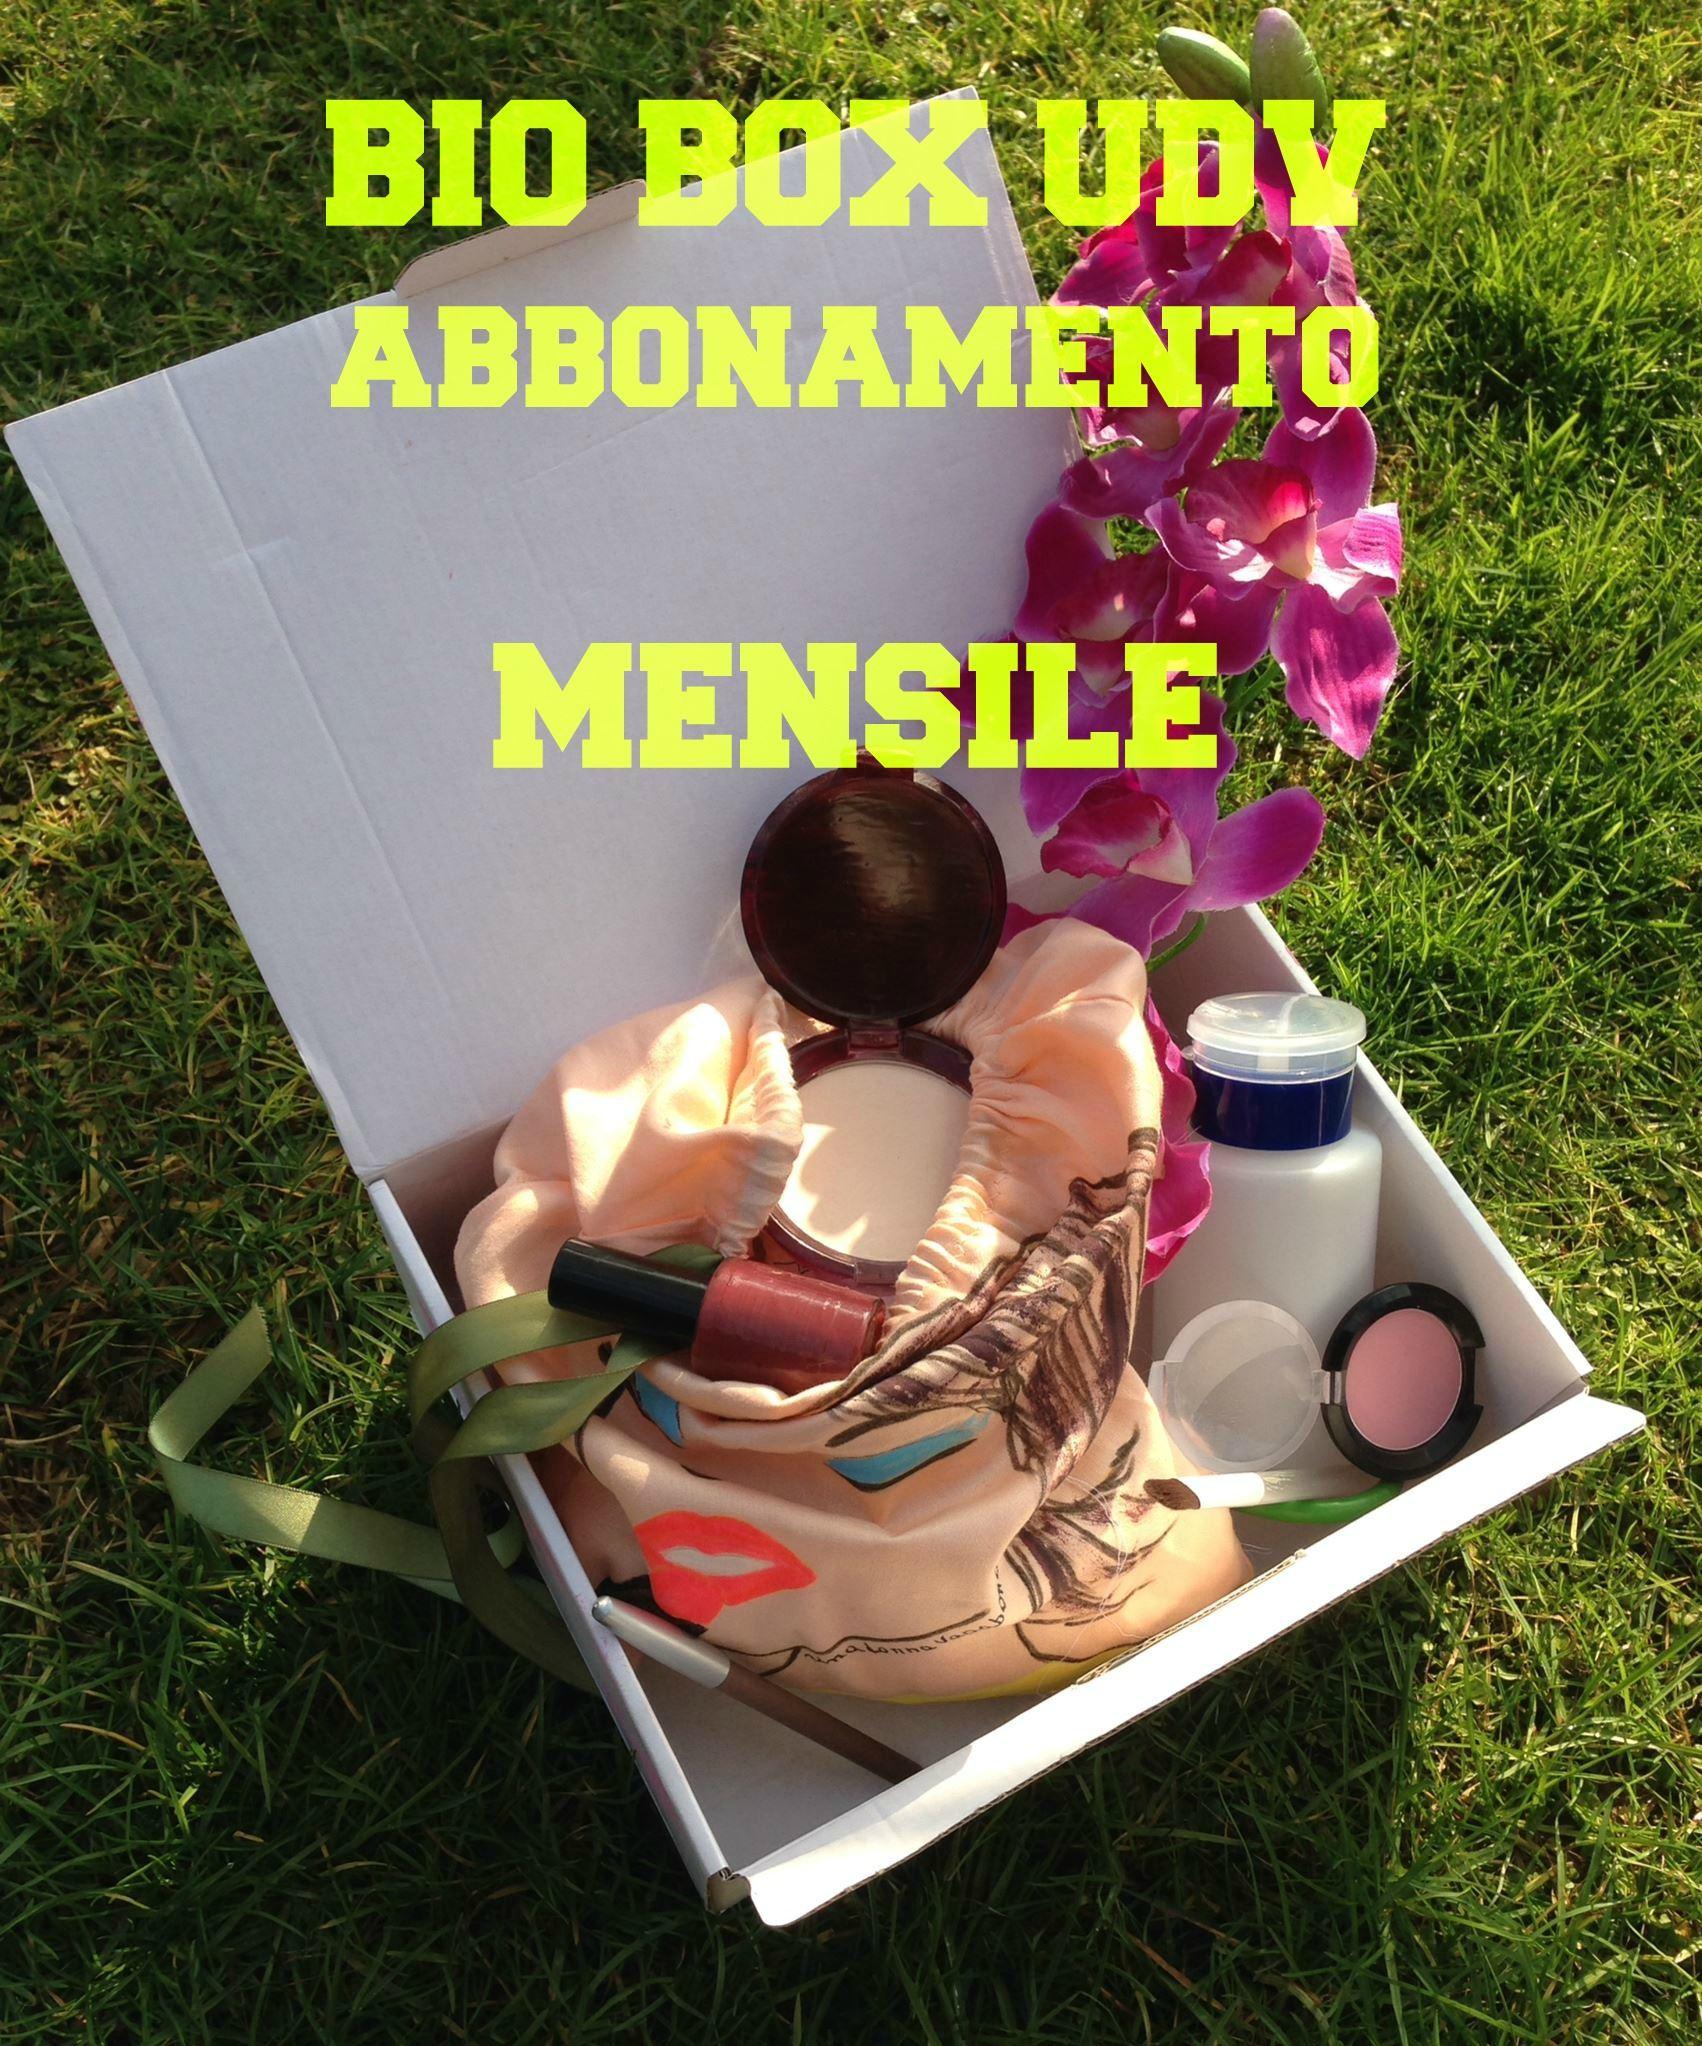 Una donna vagabonda BIO BOX abbonamento MENSILE